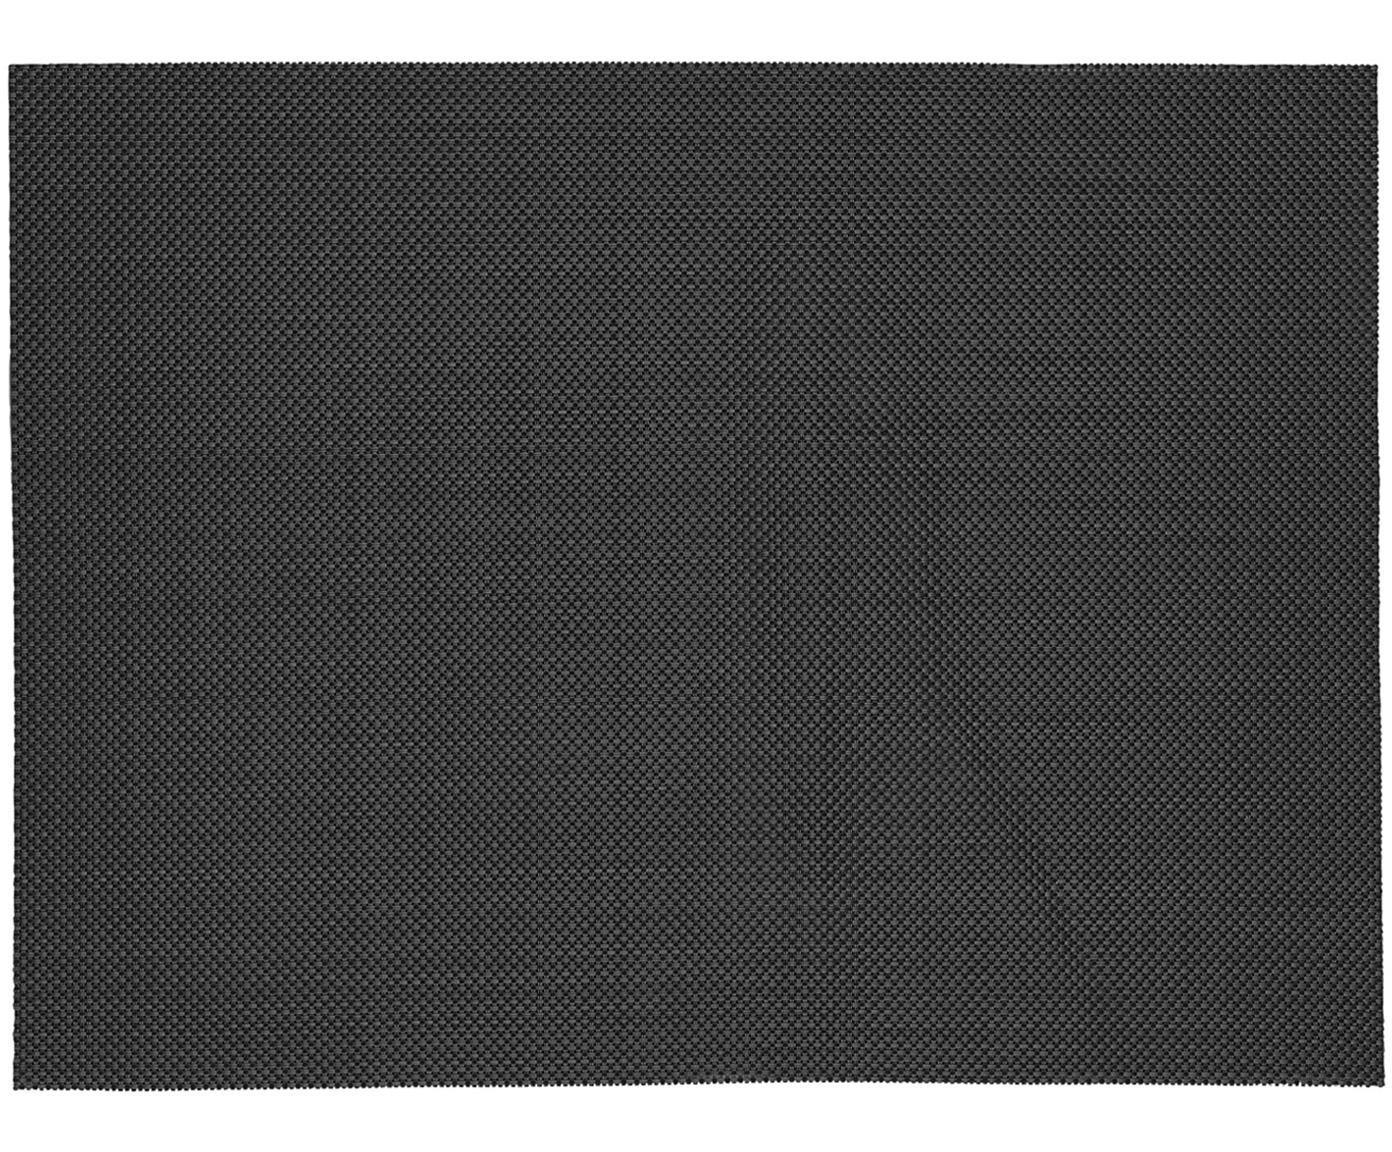 Podkładka z tworzywa sztucznego Mabra, 2 szt., Tworzywo sztuczne (PVC), Czarny, S 30 x D 40 cm